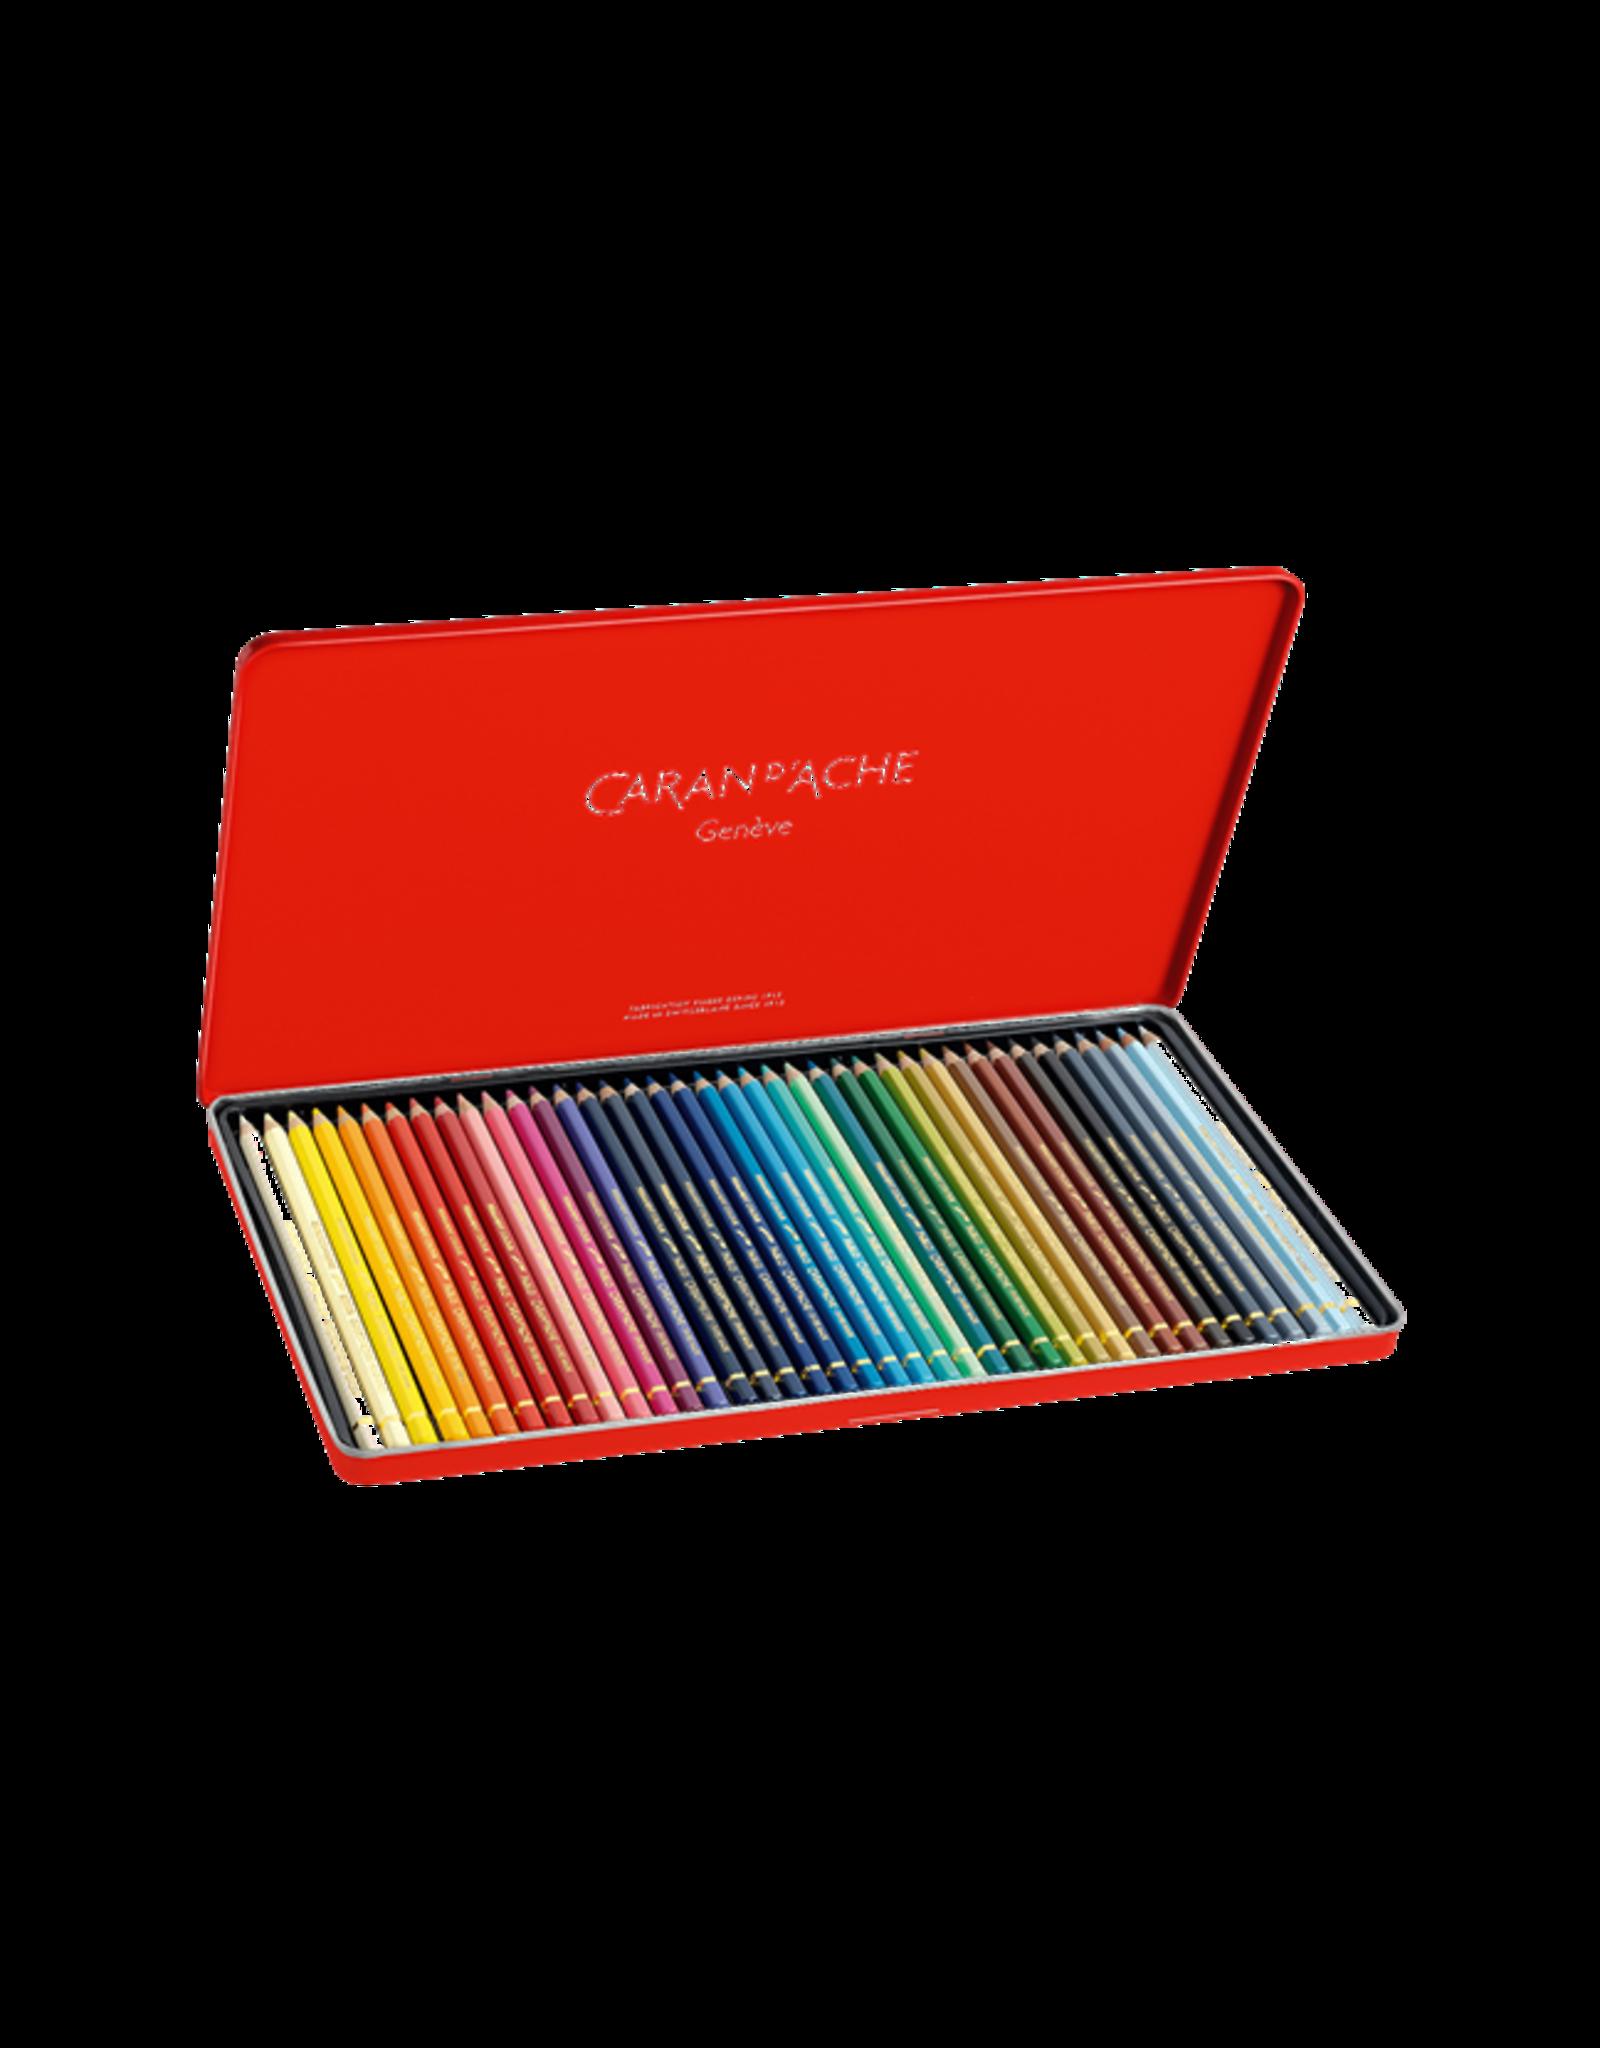 Caran d'Ache Pablo potloden metalen doos 40 kleuren